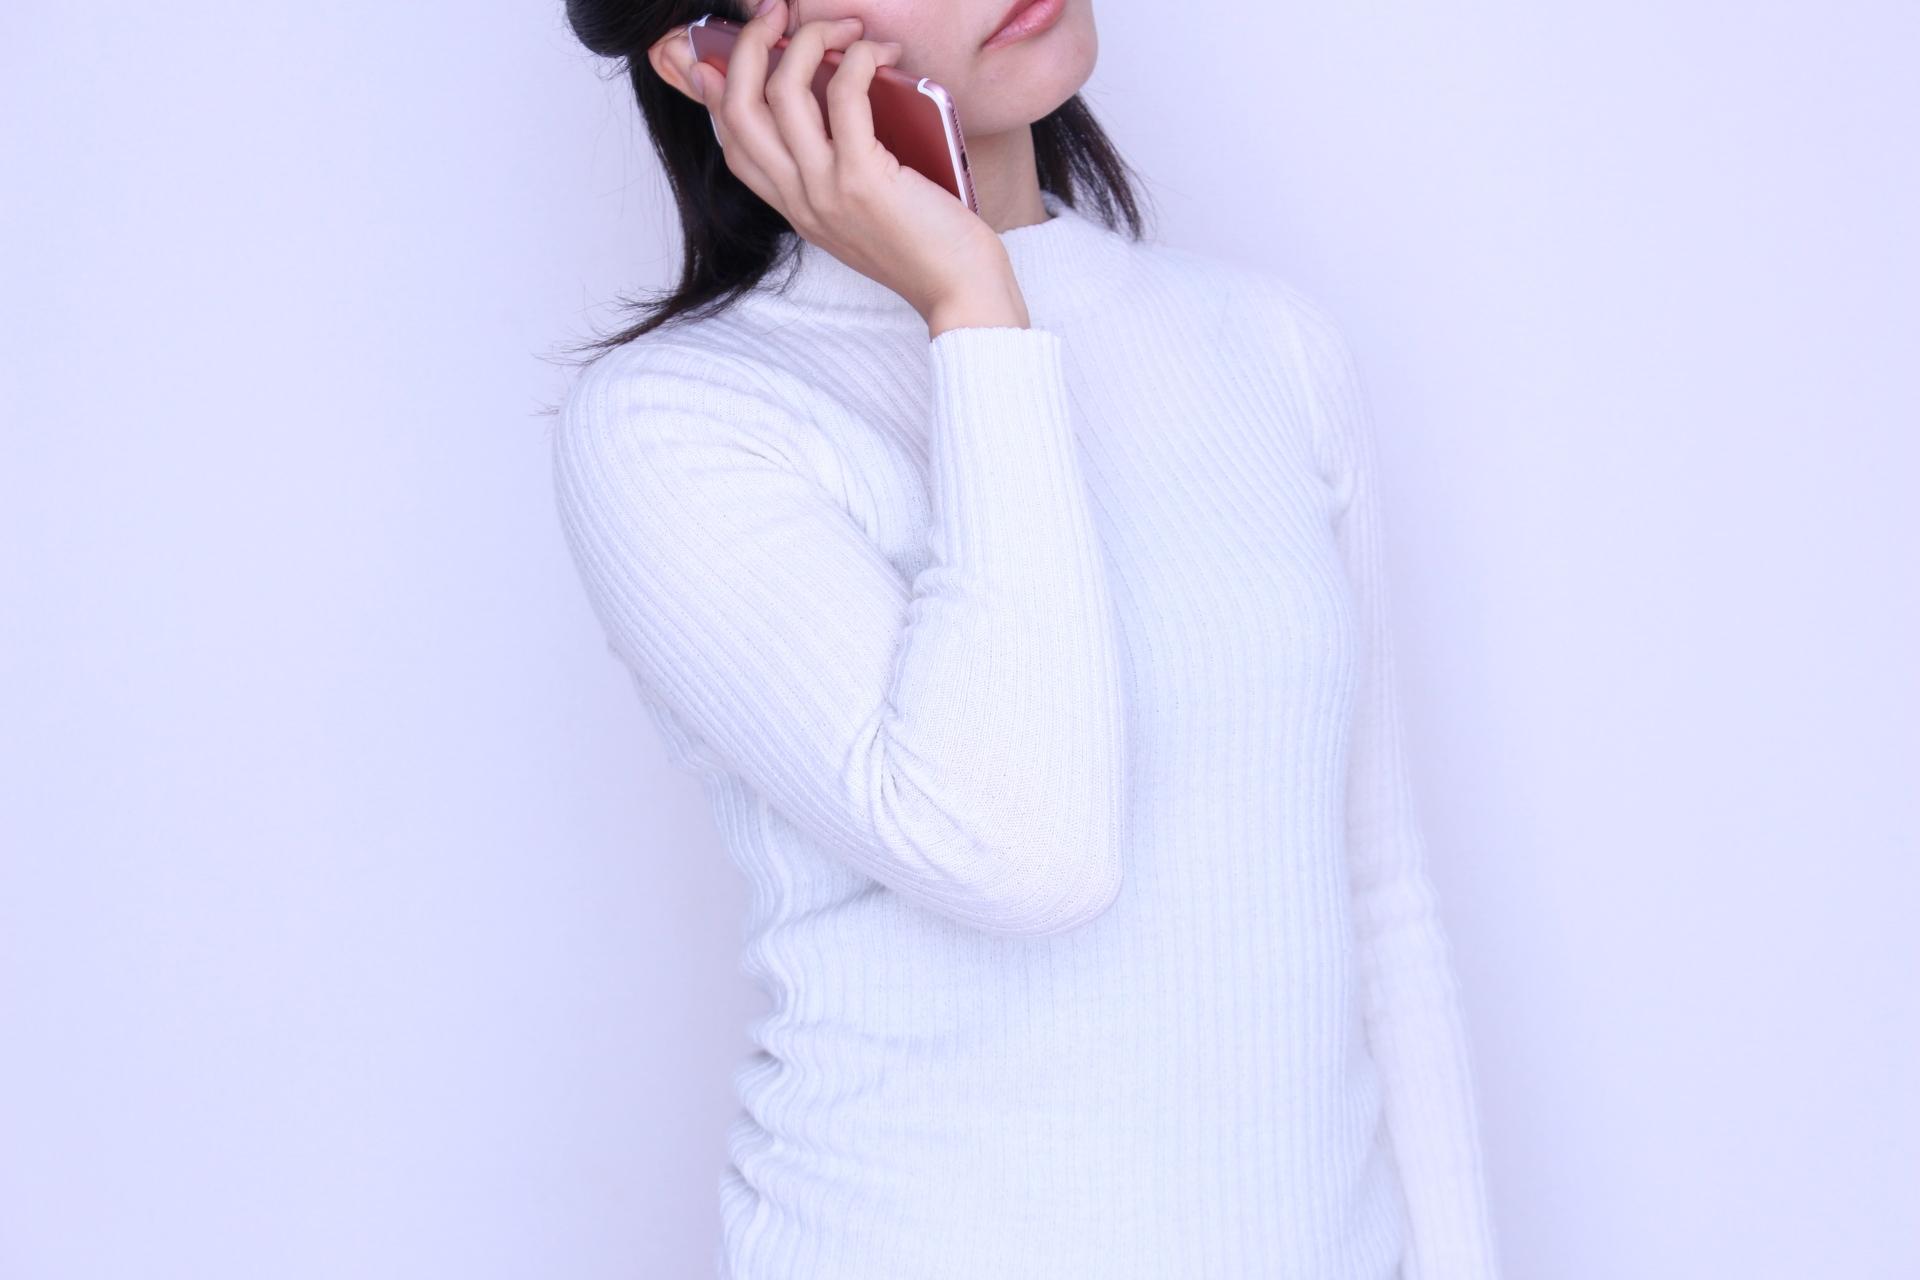 電話占いピュアリの新規会員登録から電話占いまでの流れ・やり方は?